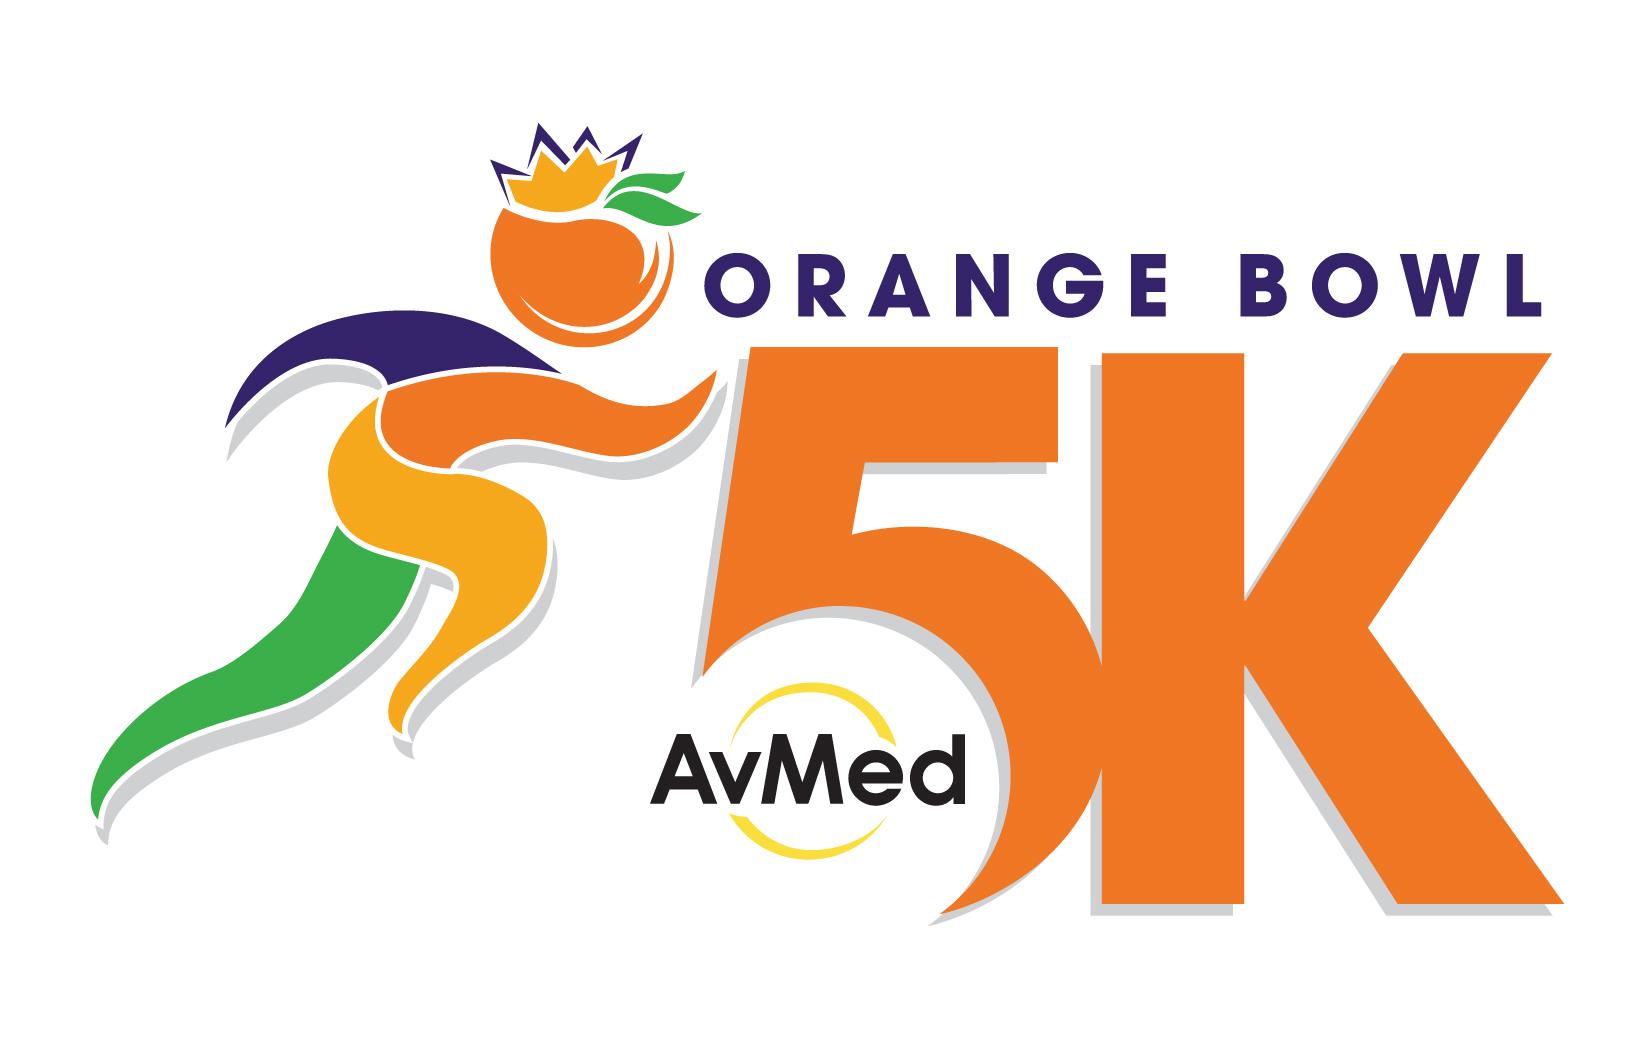 AvMed Orange Bowl 5K - Fundraising Events & Community